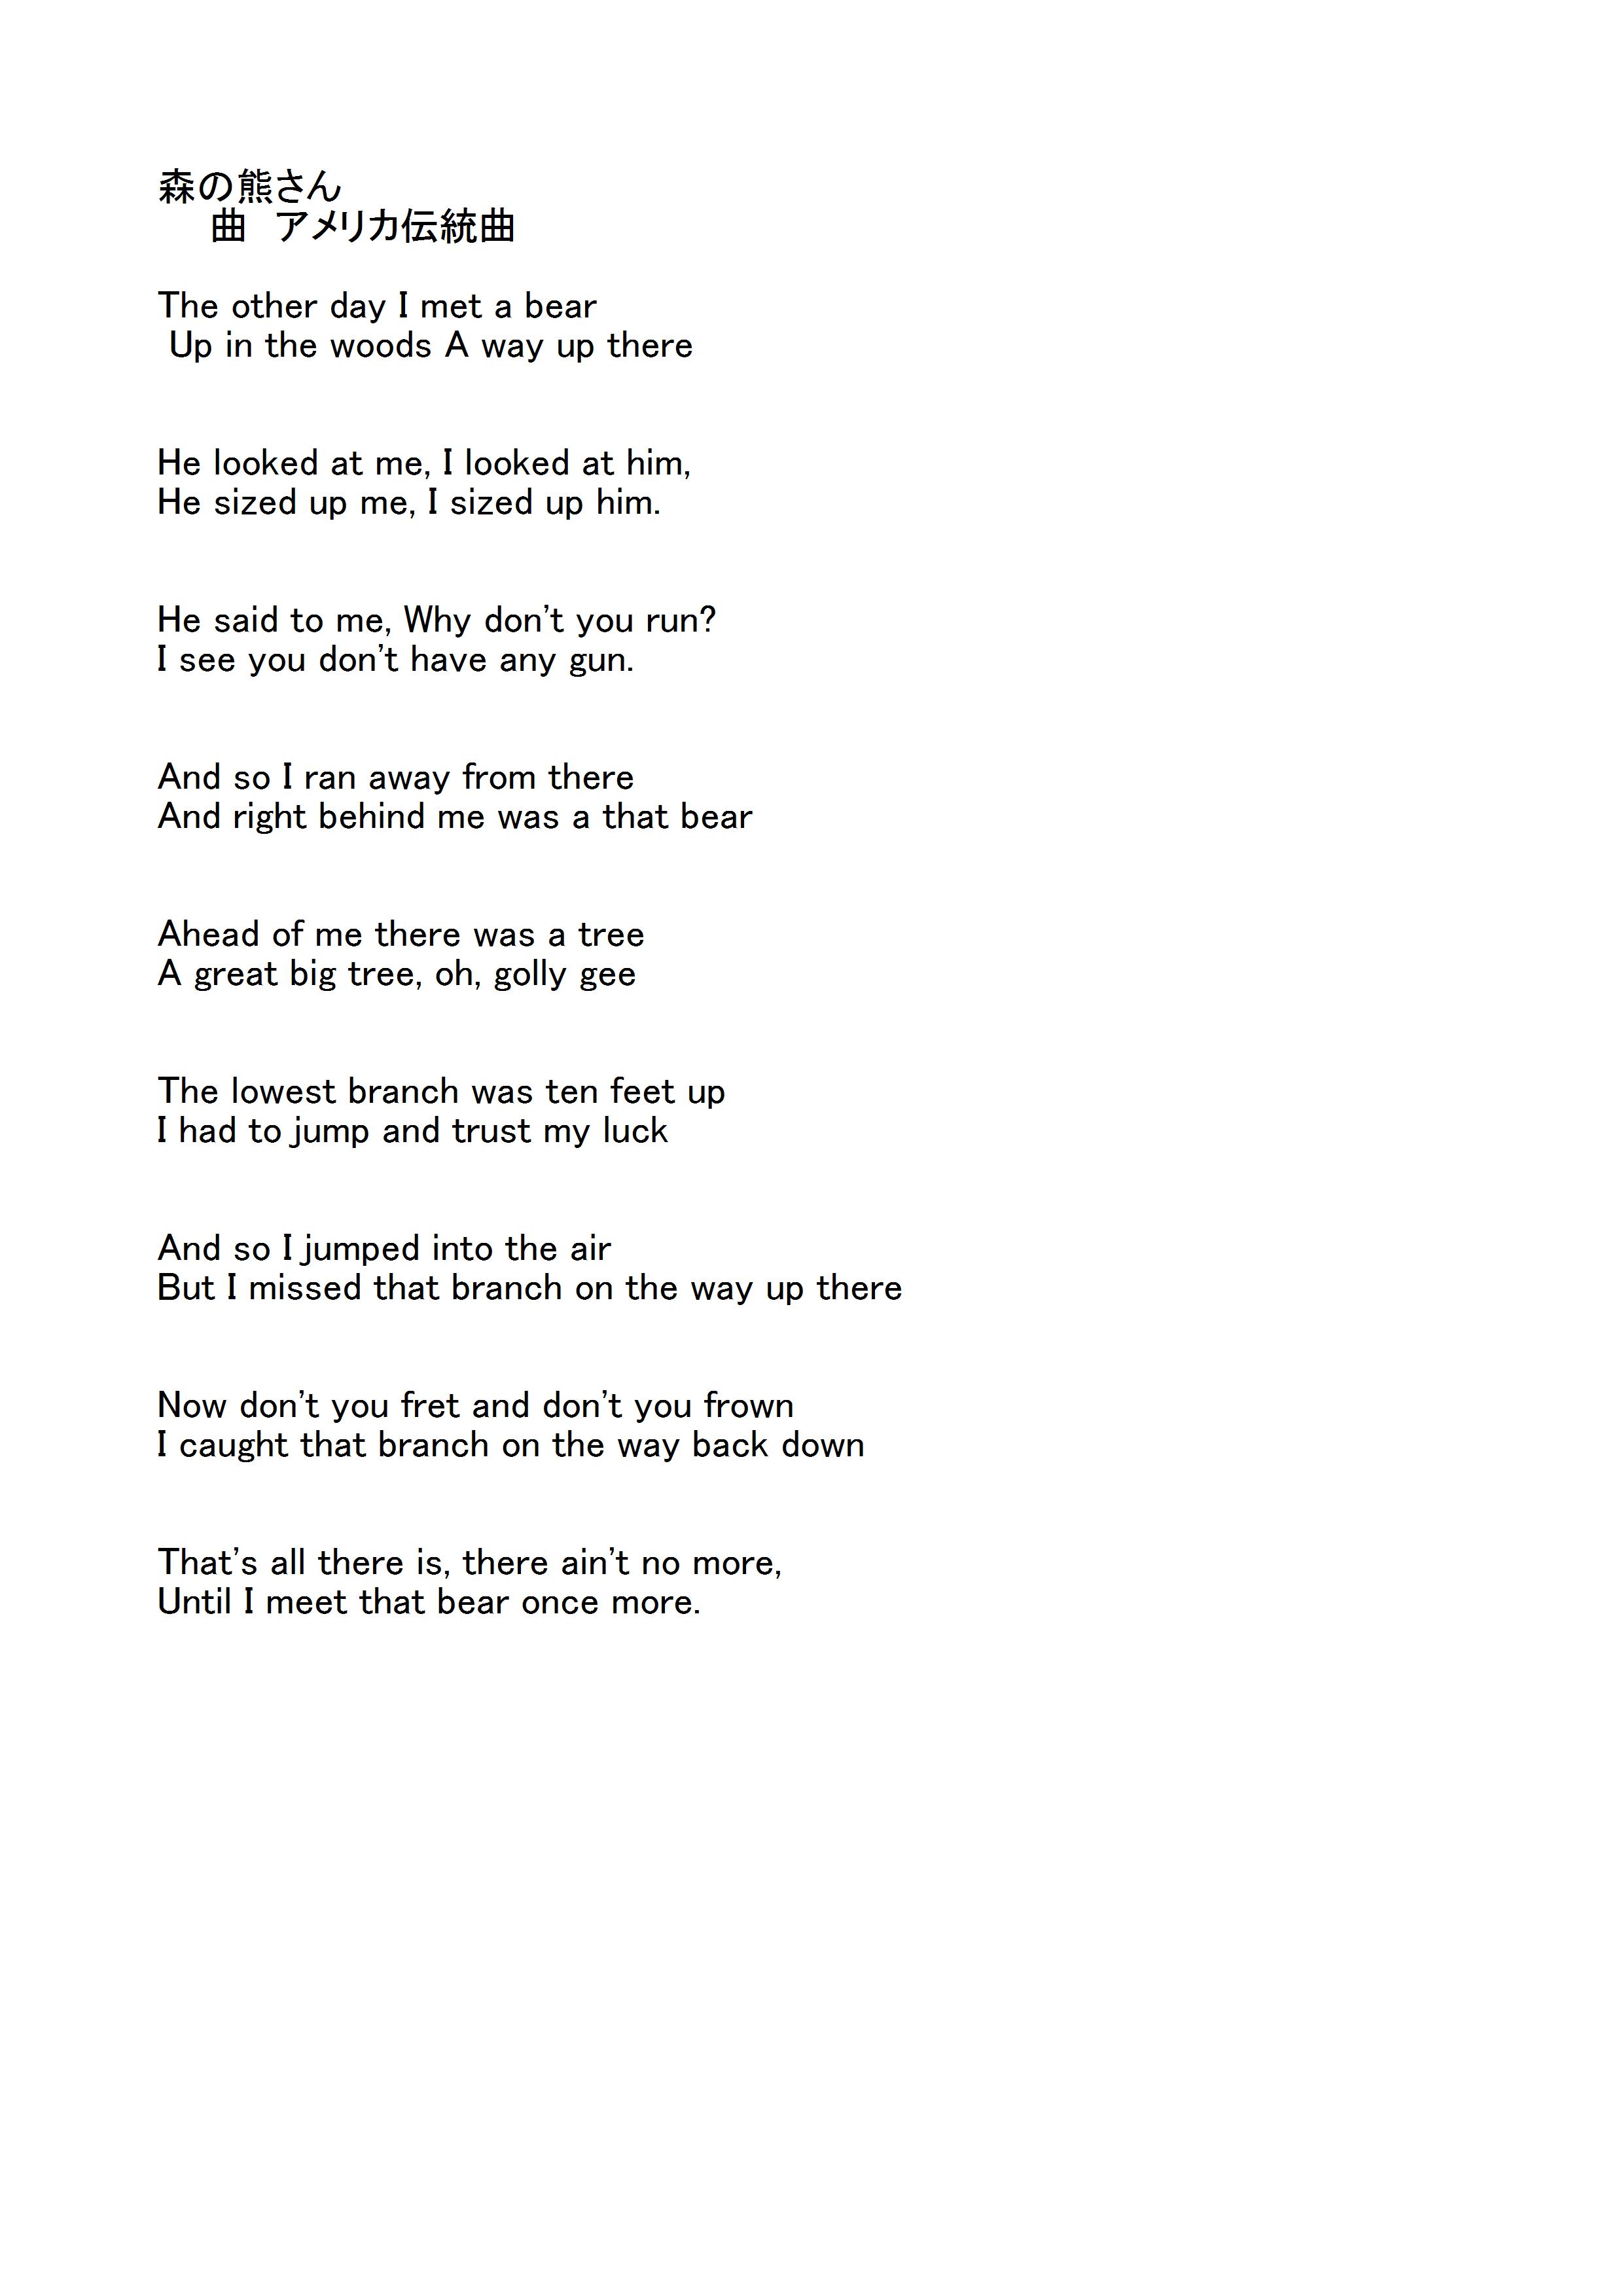 森 の くま さん 歌詞 森のくまさん 歌詞「童謡」ふりがな付|歌詞検索サイト【UtaTen】